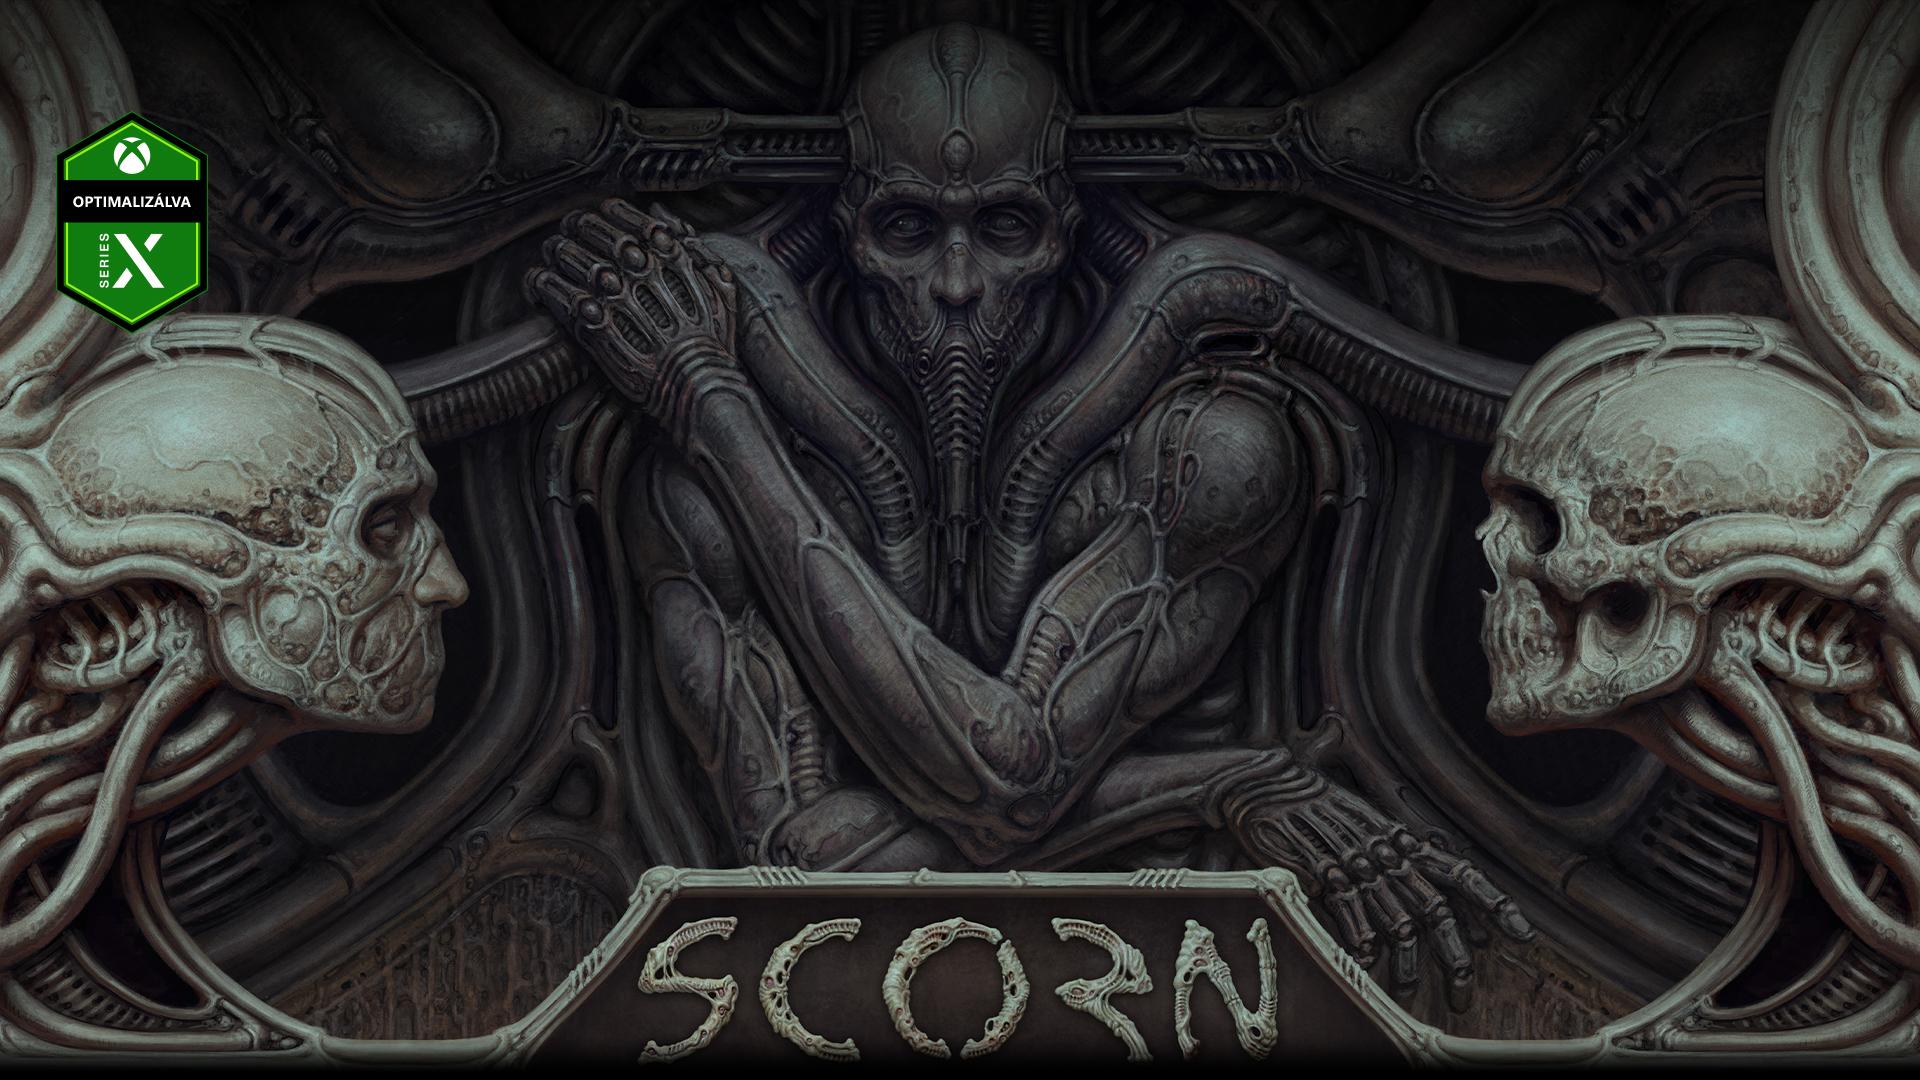 A Scorn egy falba épített karaktere két koponyával.